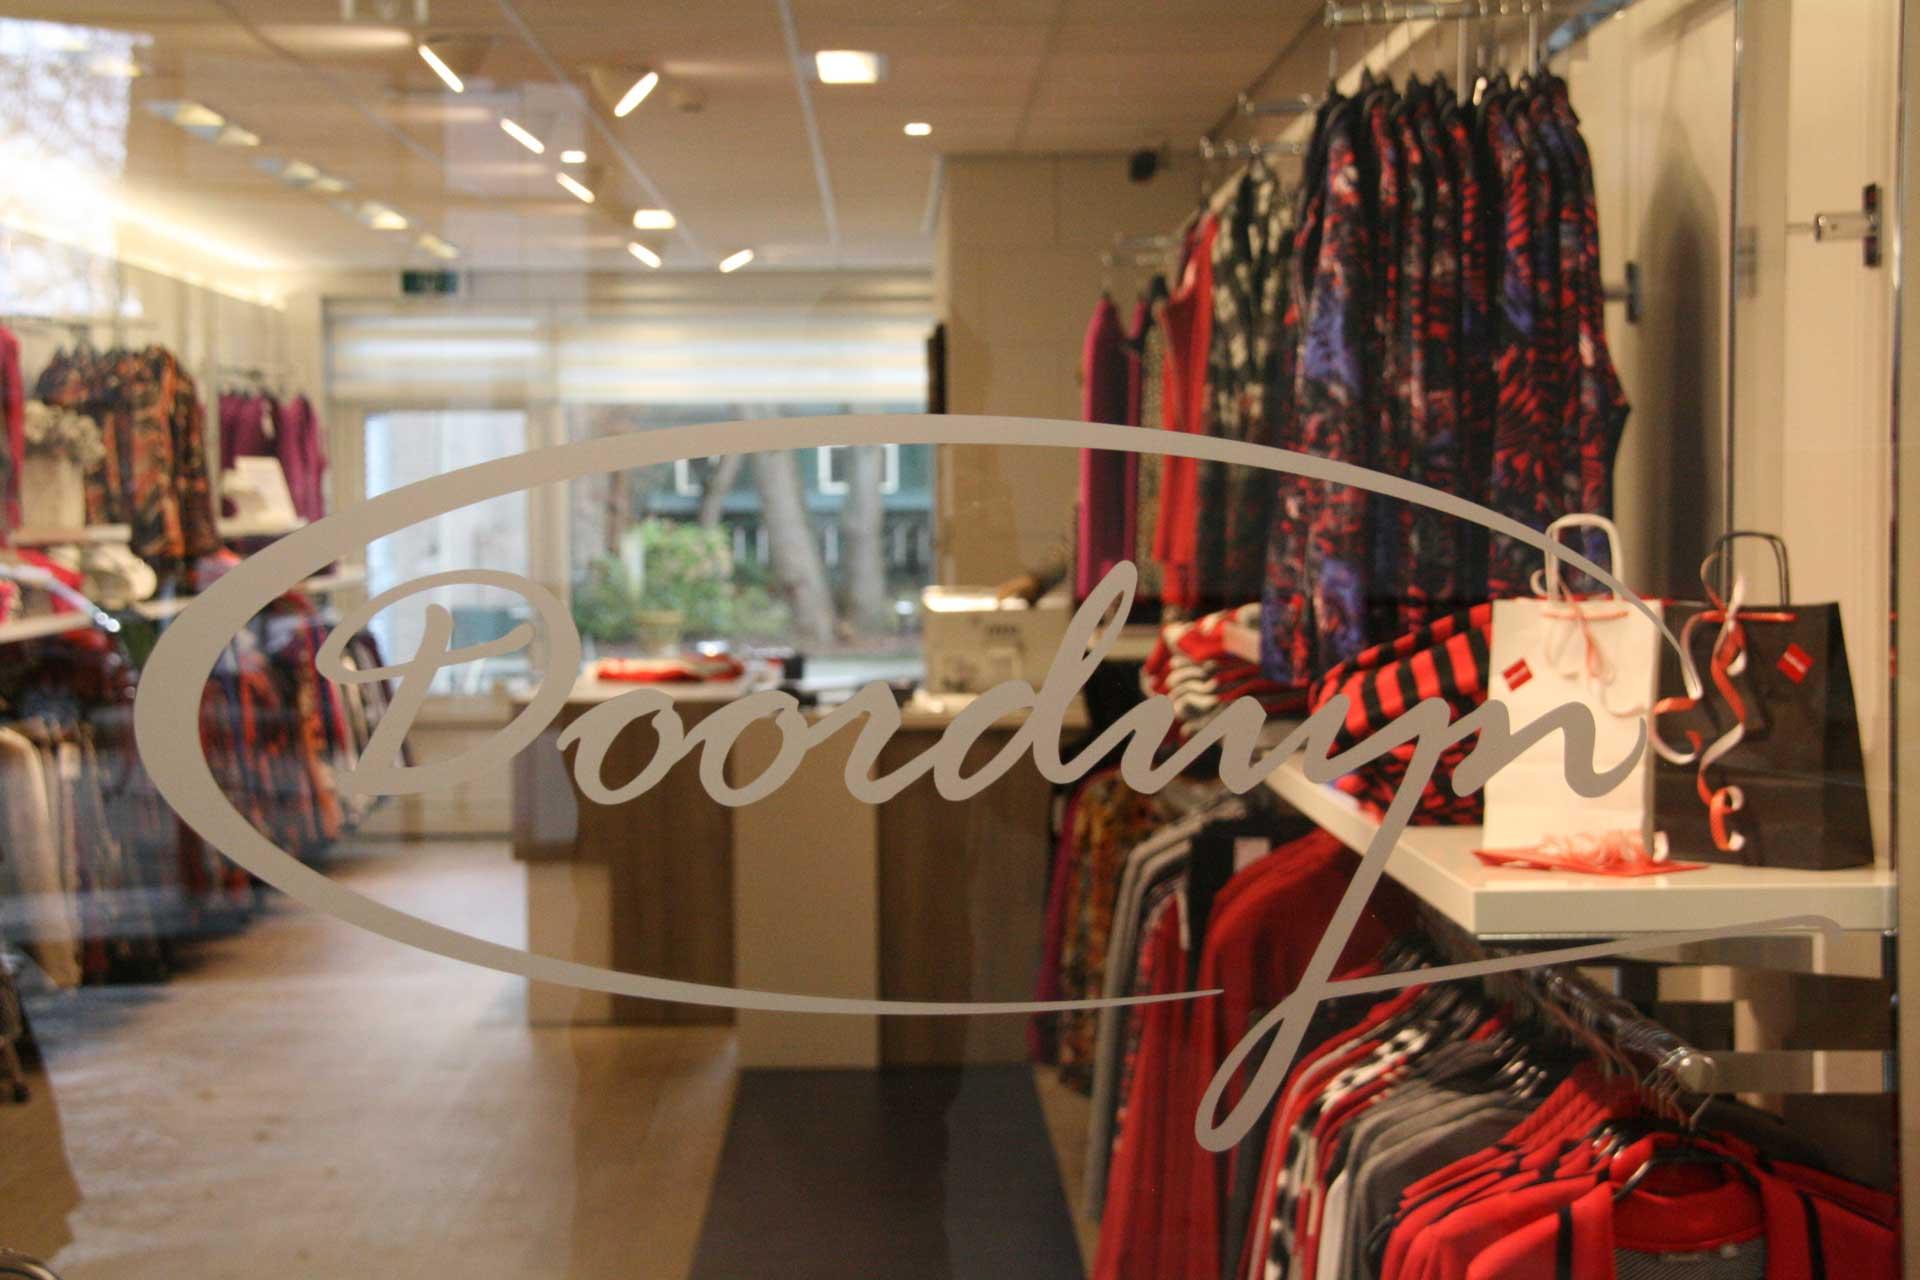 Olsen kleding winkel